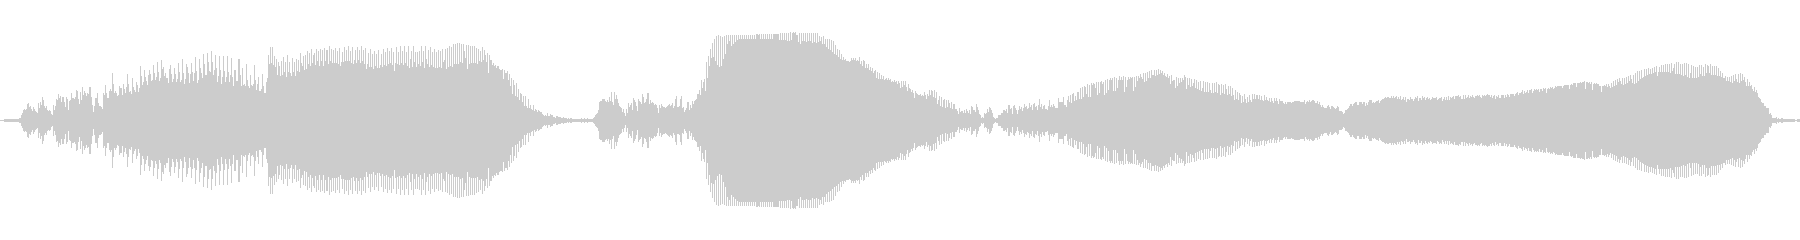 ラクダのうめき声が長く上下の未再生の波形